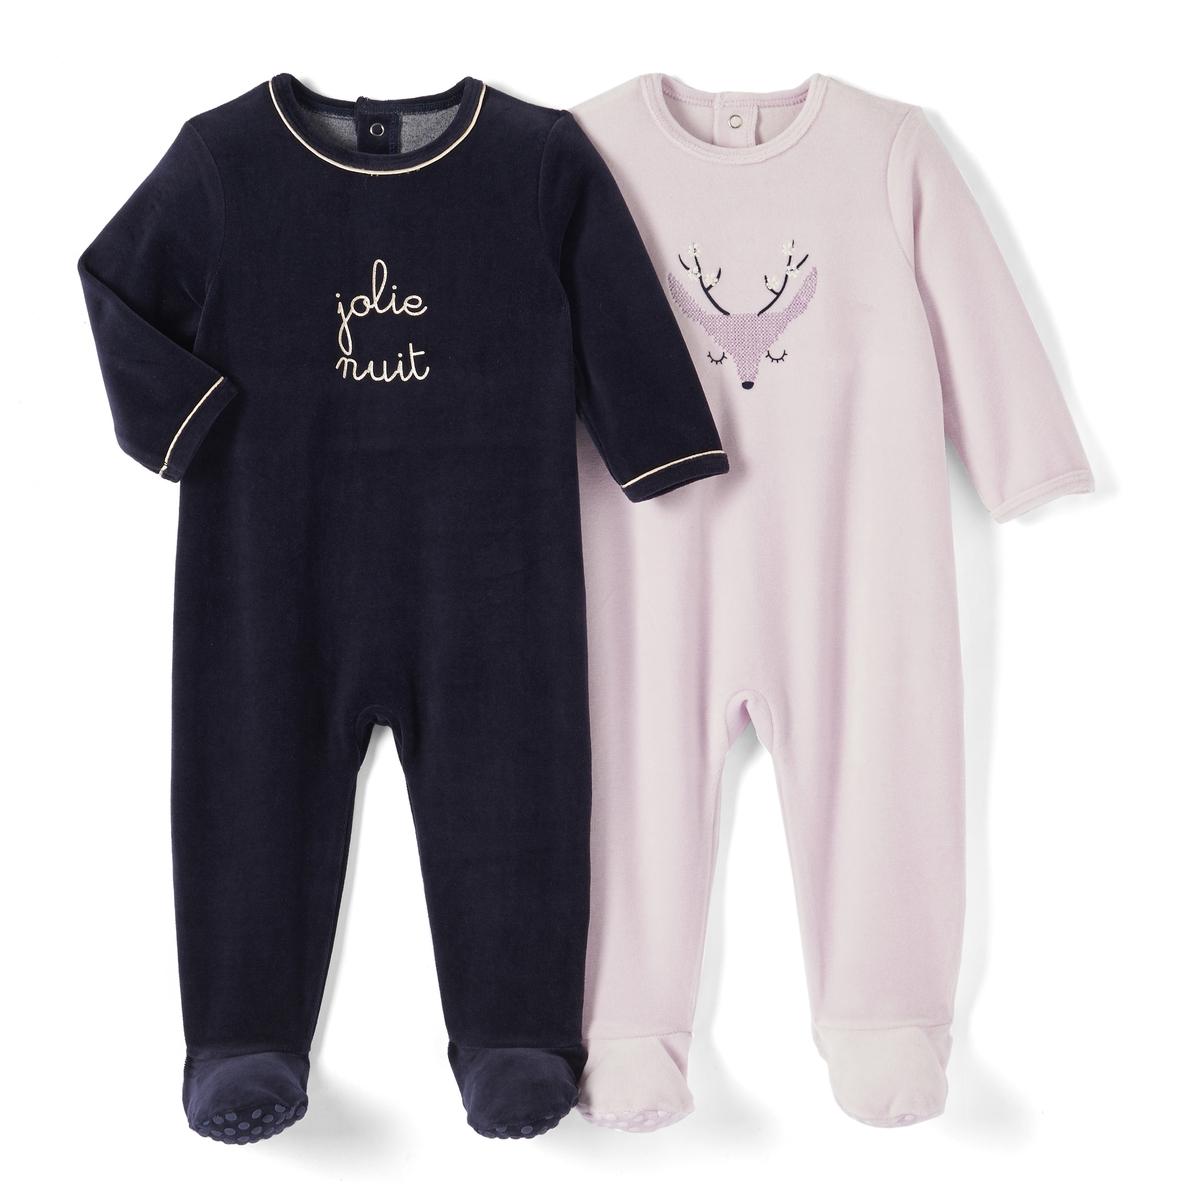 2 пижамы из велюра, 0 мес. - 3 года пижамы nicoletta пижама женская